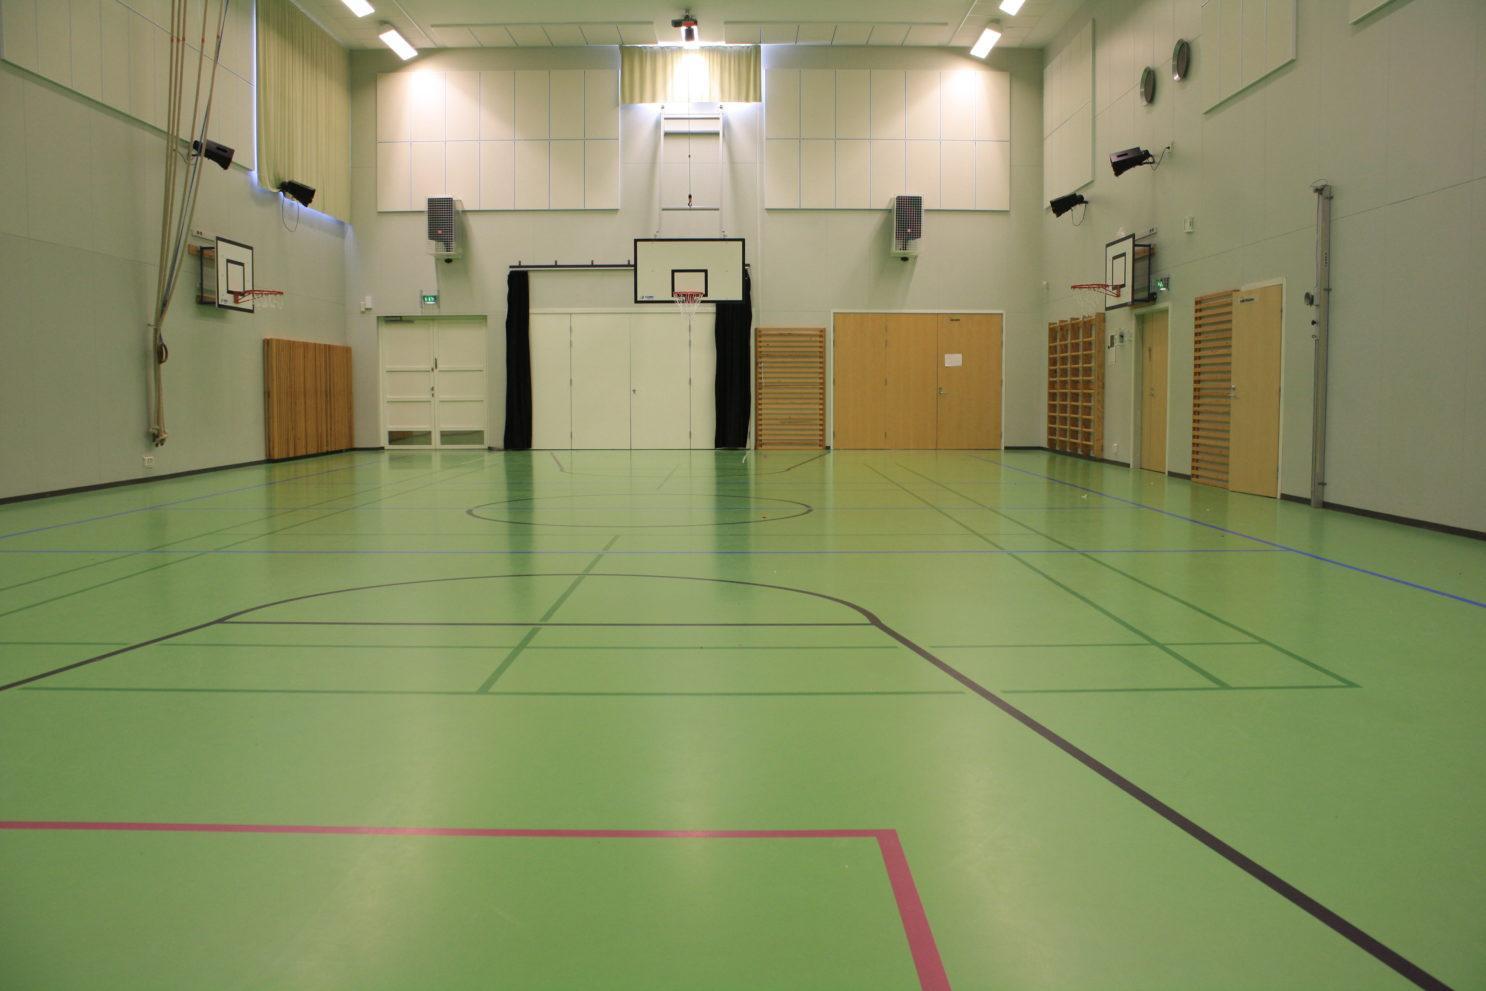 Haikalan koulun sali